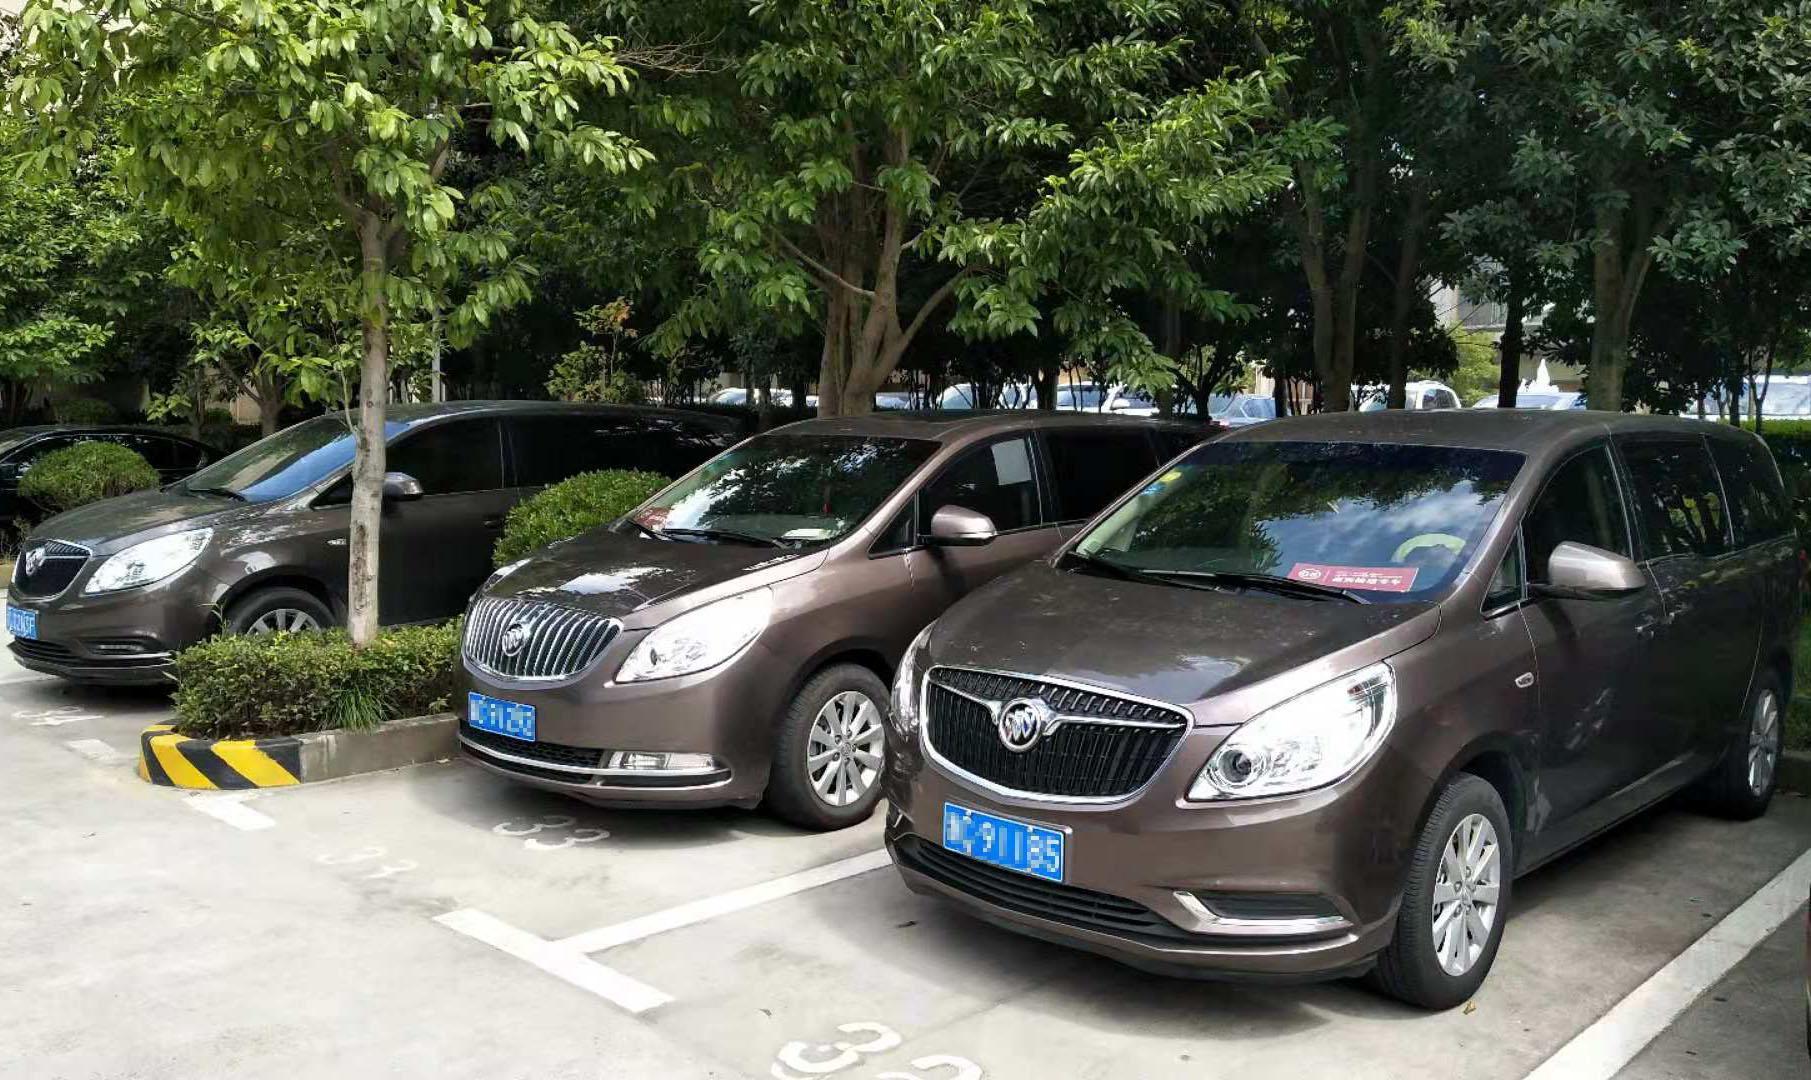 北京租别克商务车去旅游好吗?